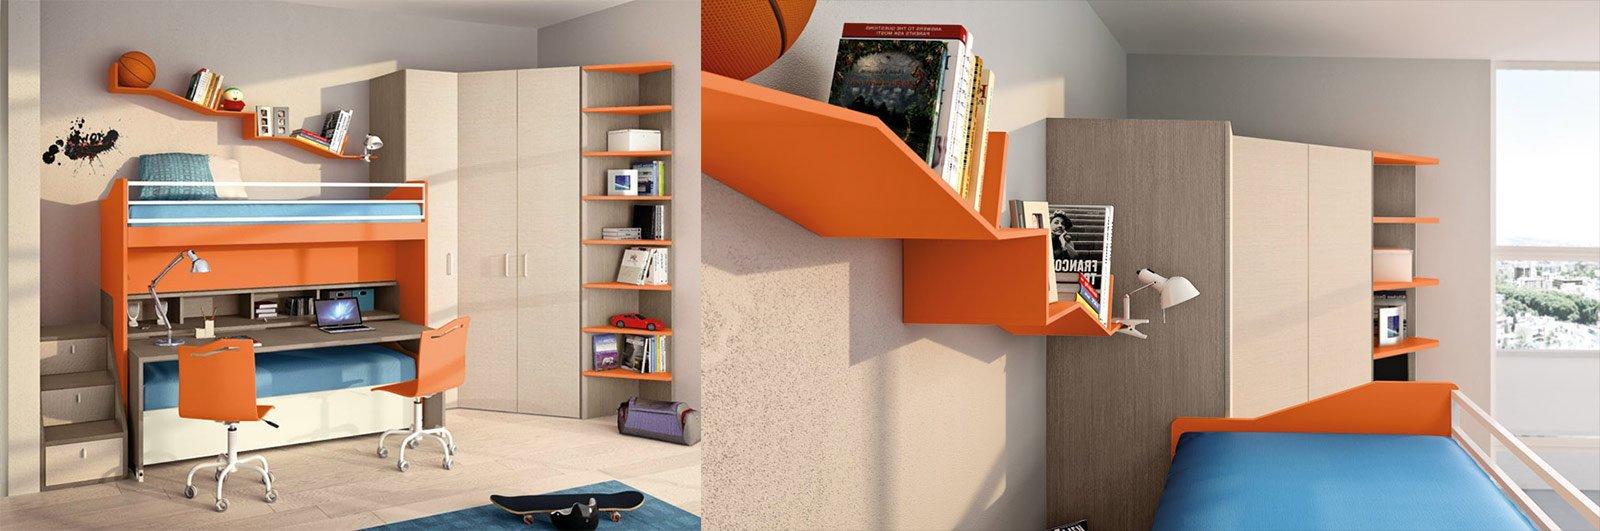 Camerette salvaspazio cose di casa for Arredamento salvaspazio mobili multifunzionali